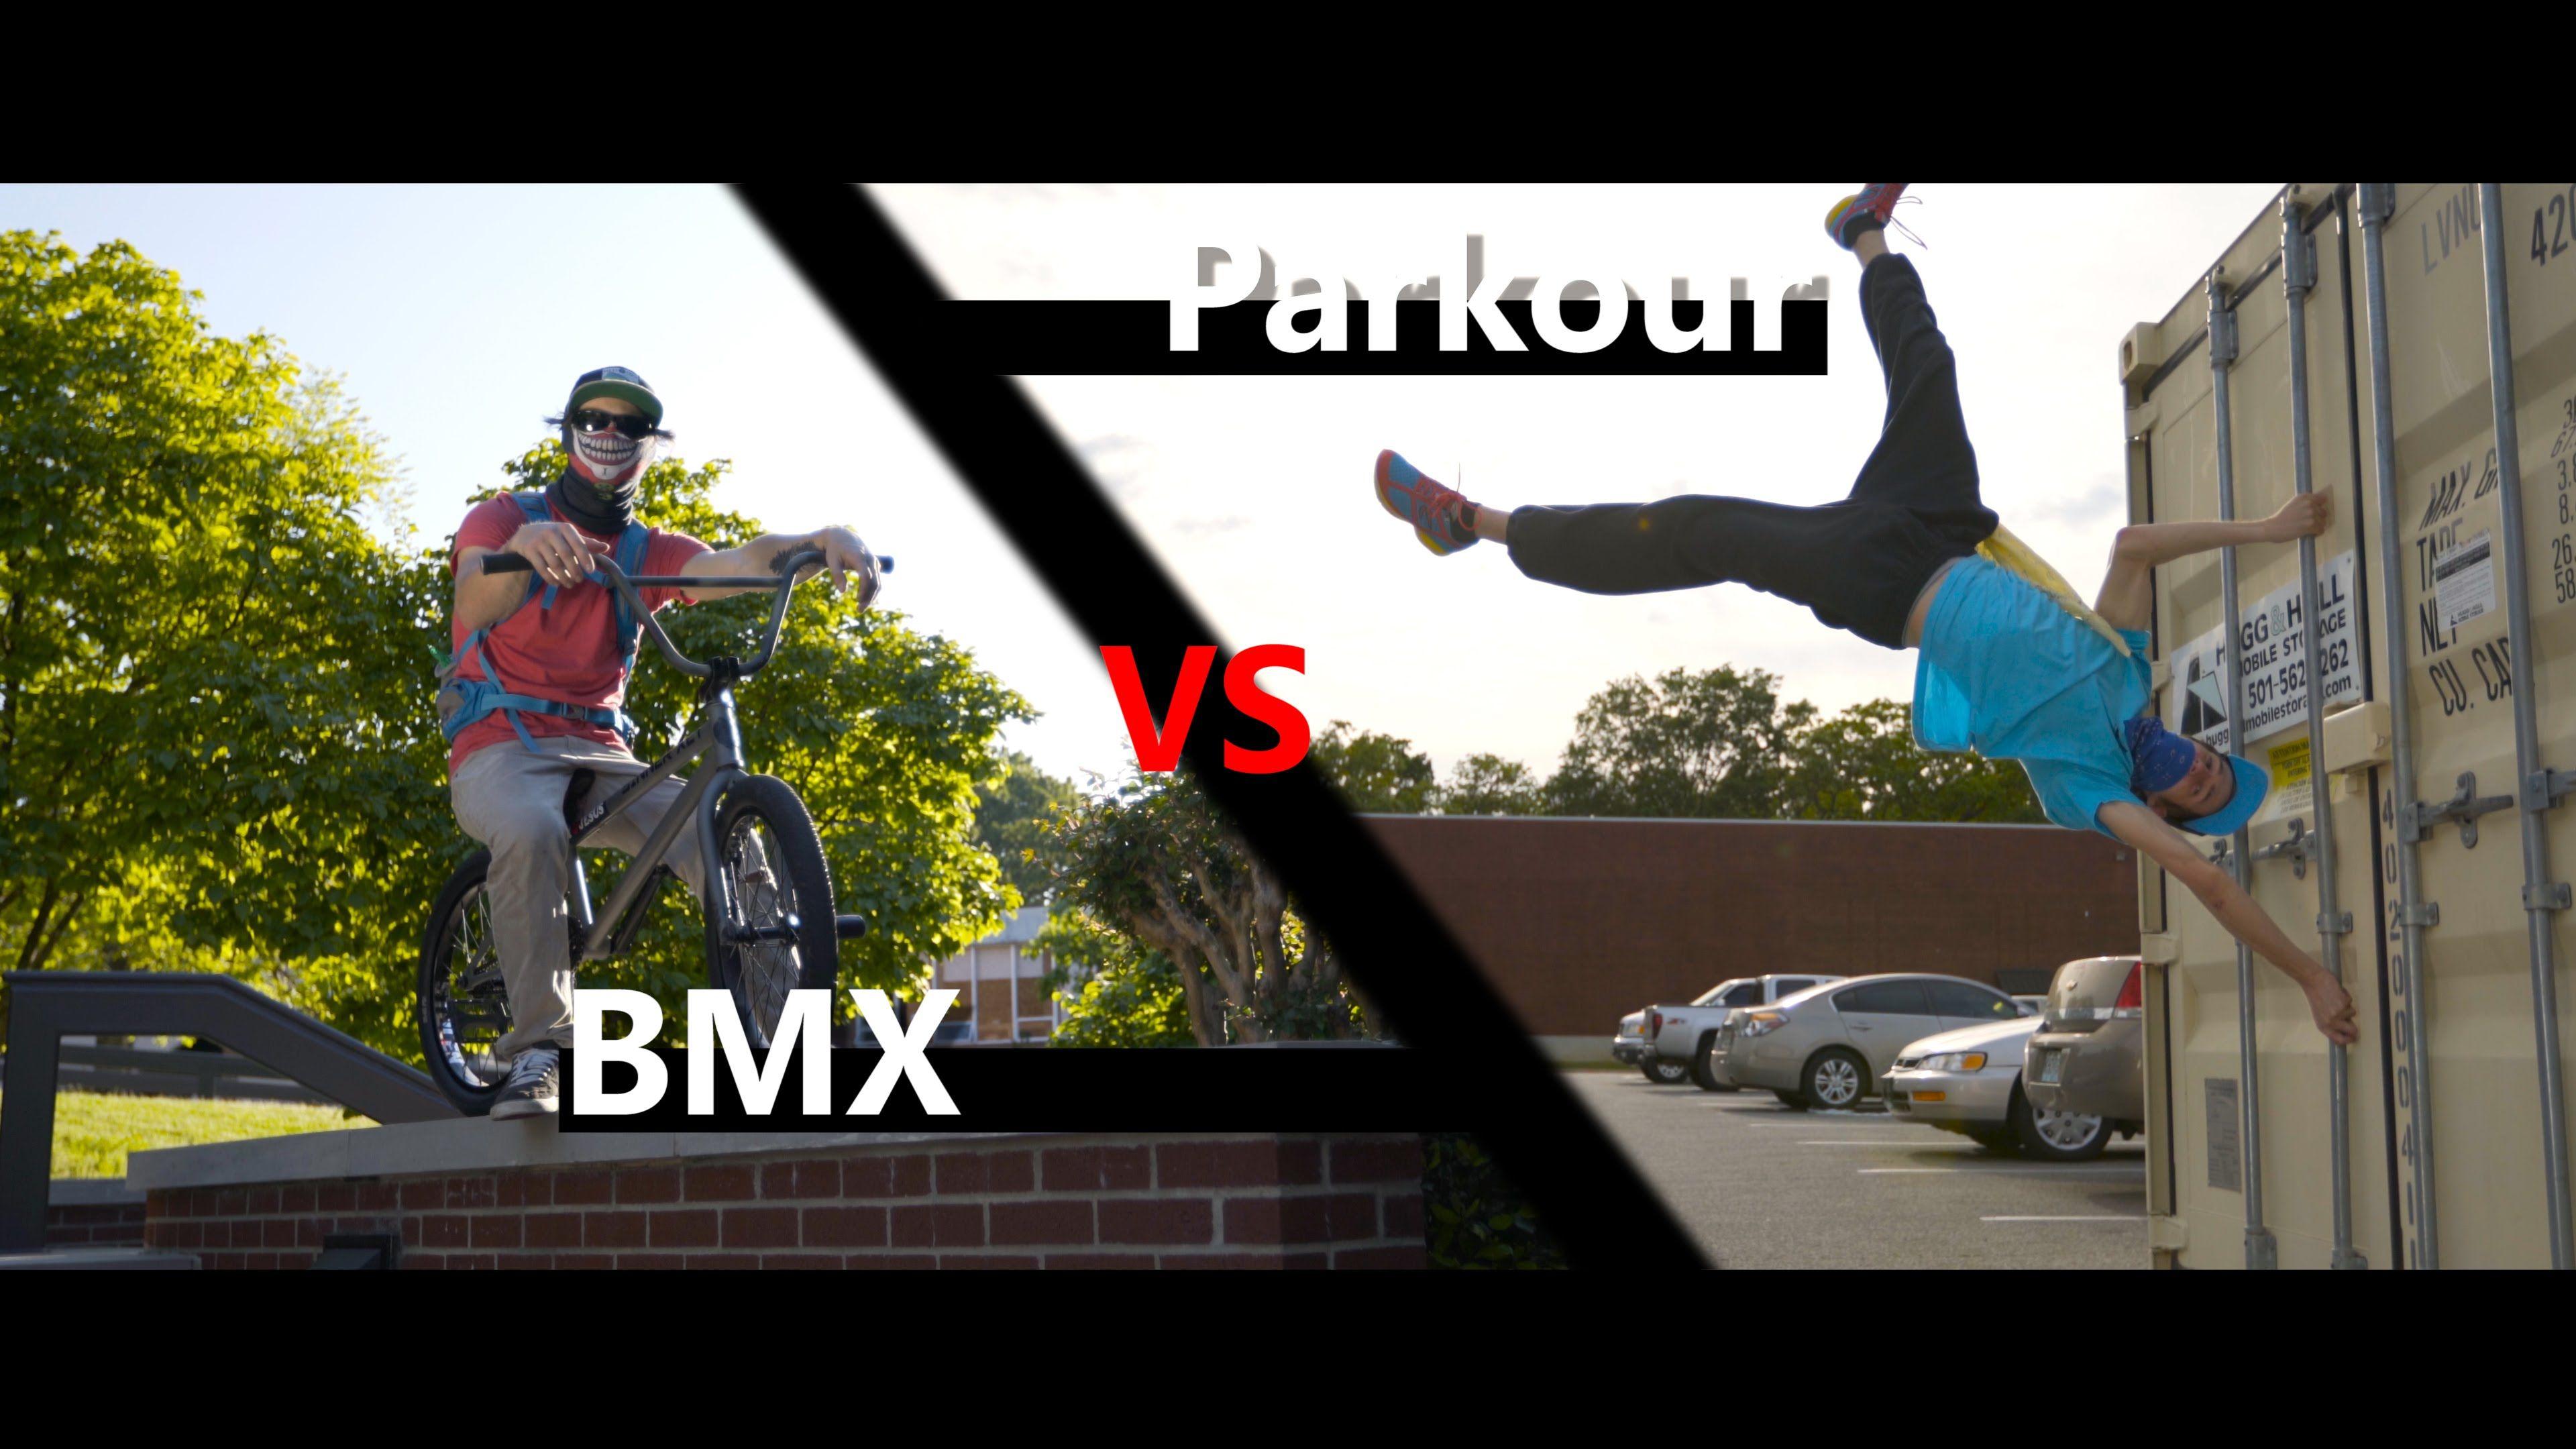 Parkour Vs Bmx Race In 4k With Beyond Boundaries Parkour